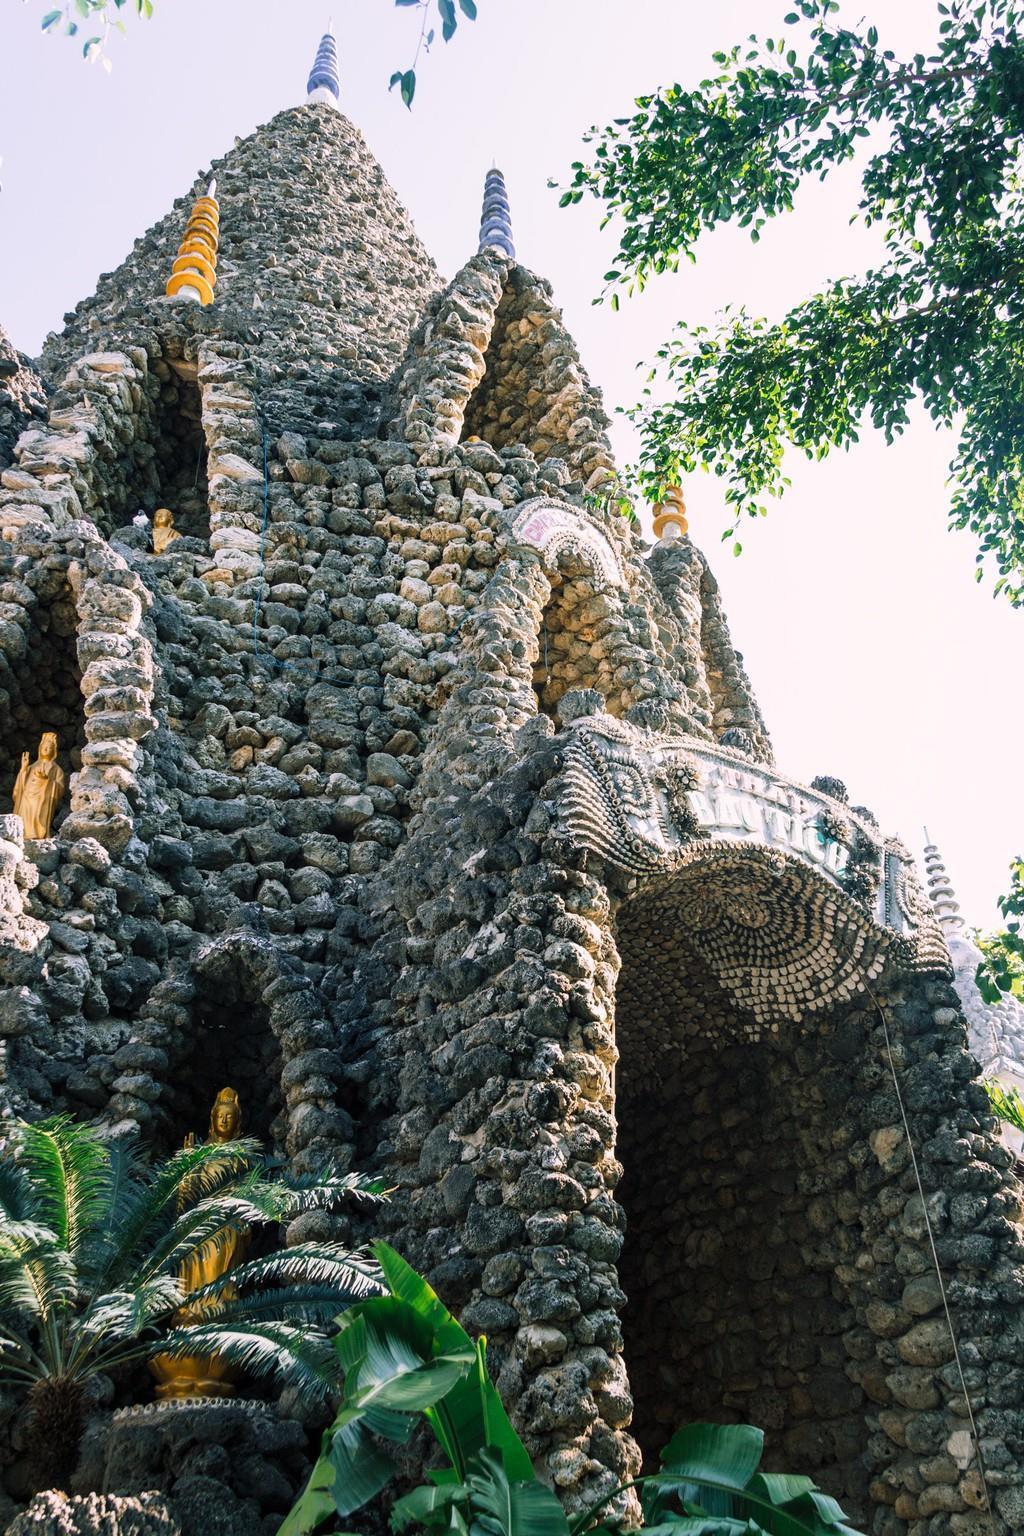 Ngôi chùa vỏ ốc ở Cam Ranh đẹp khác lạ trên báo nước ngoài Ảnh 9